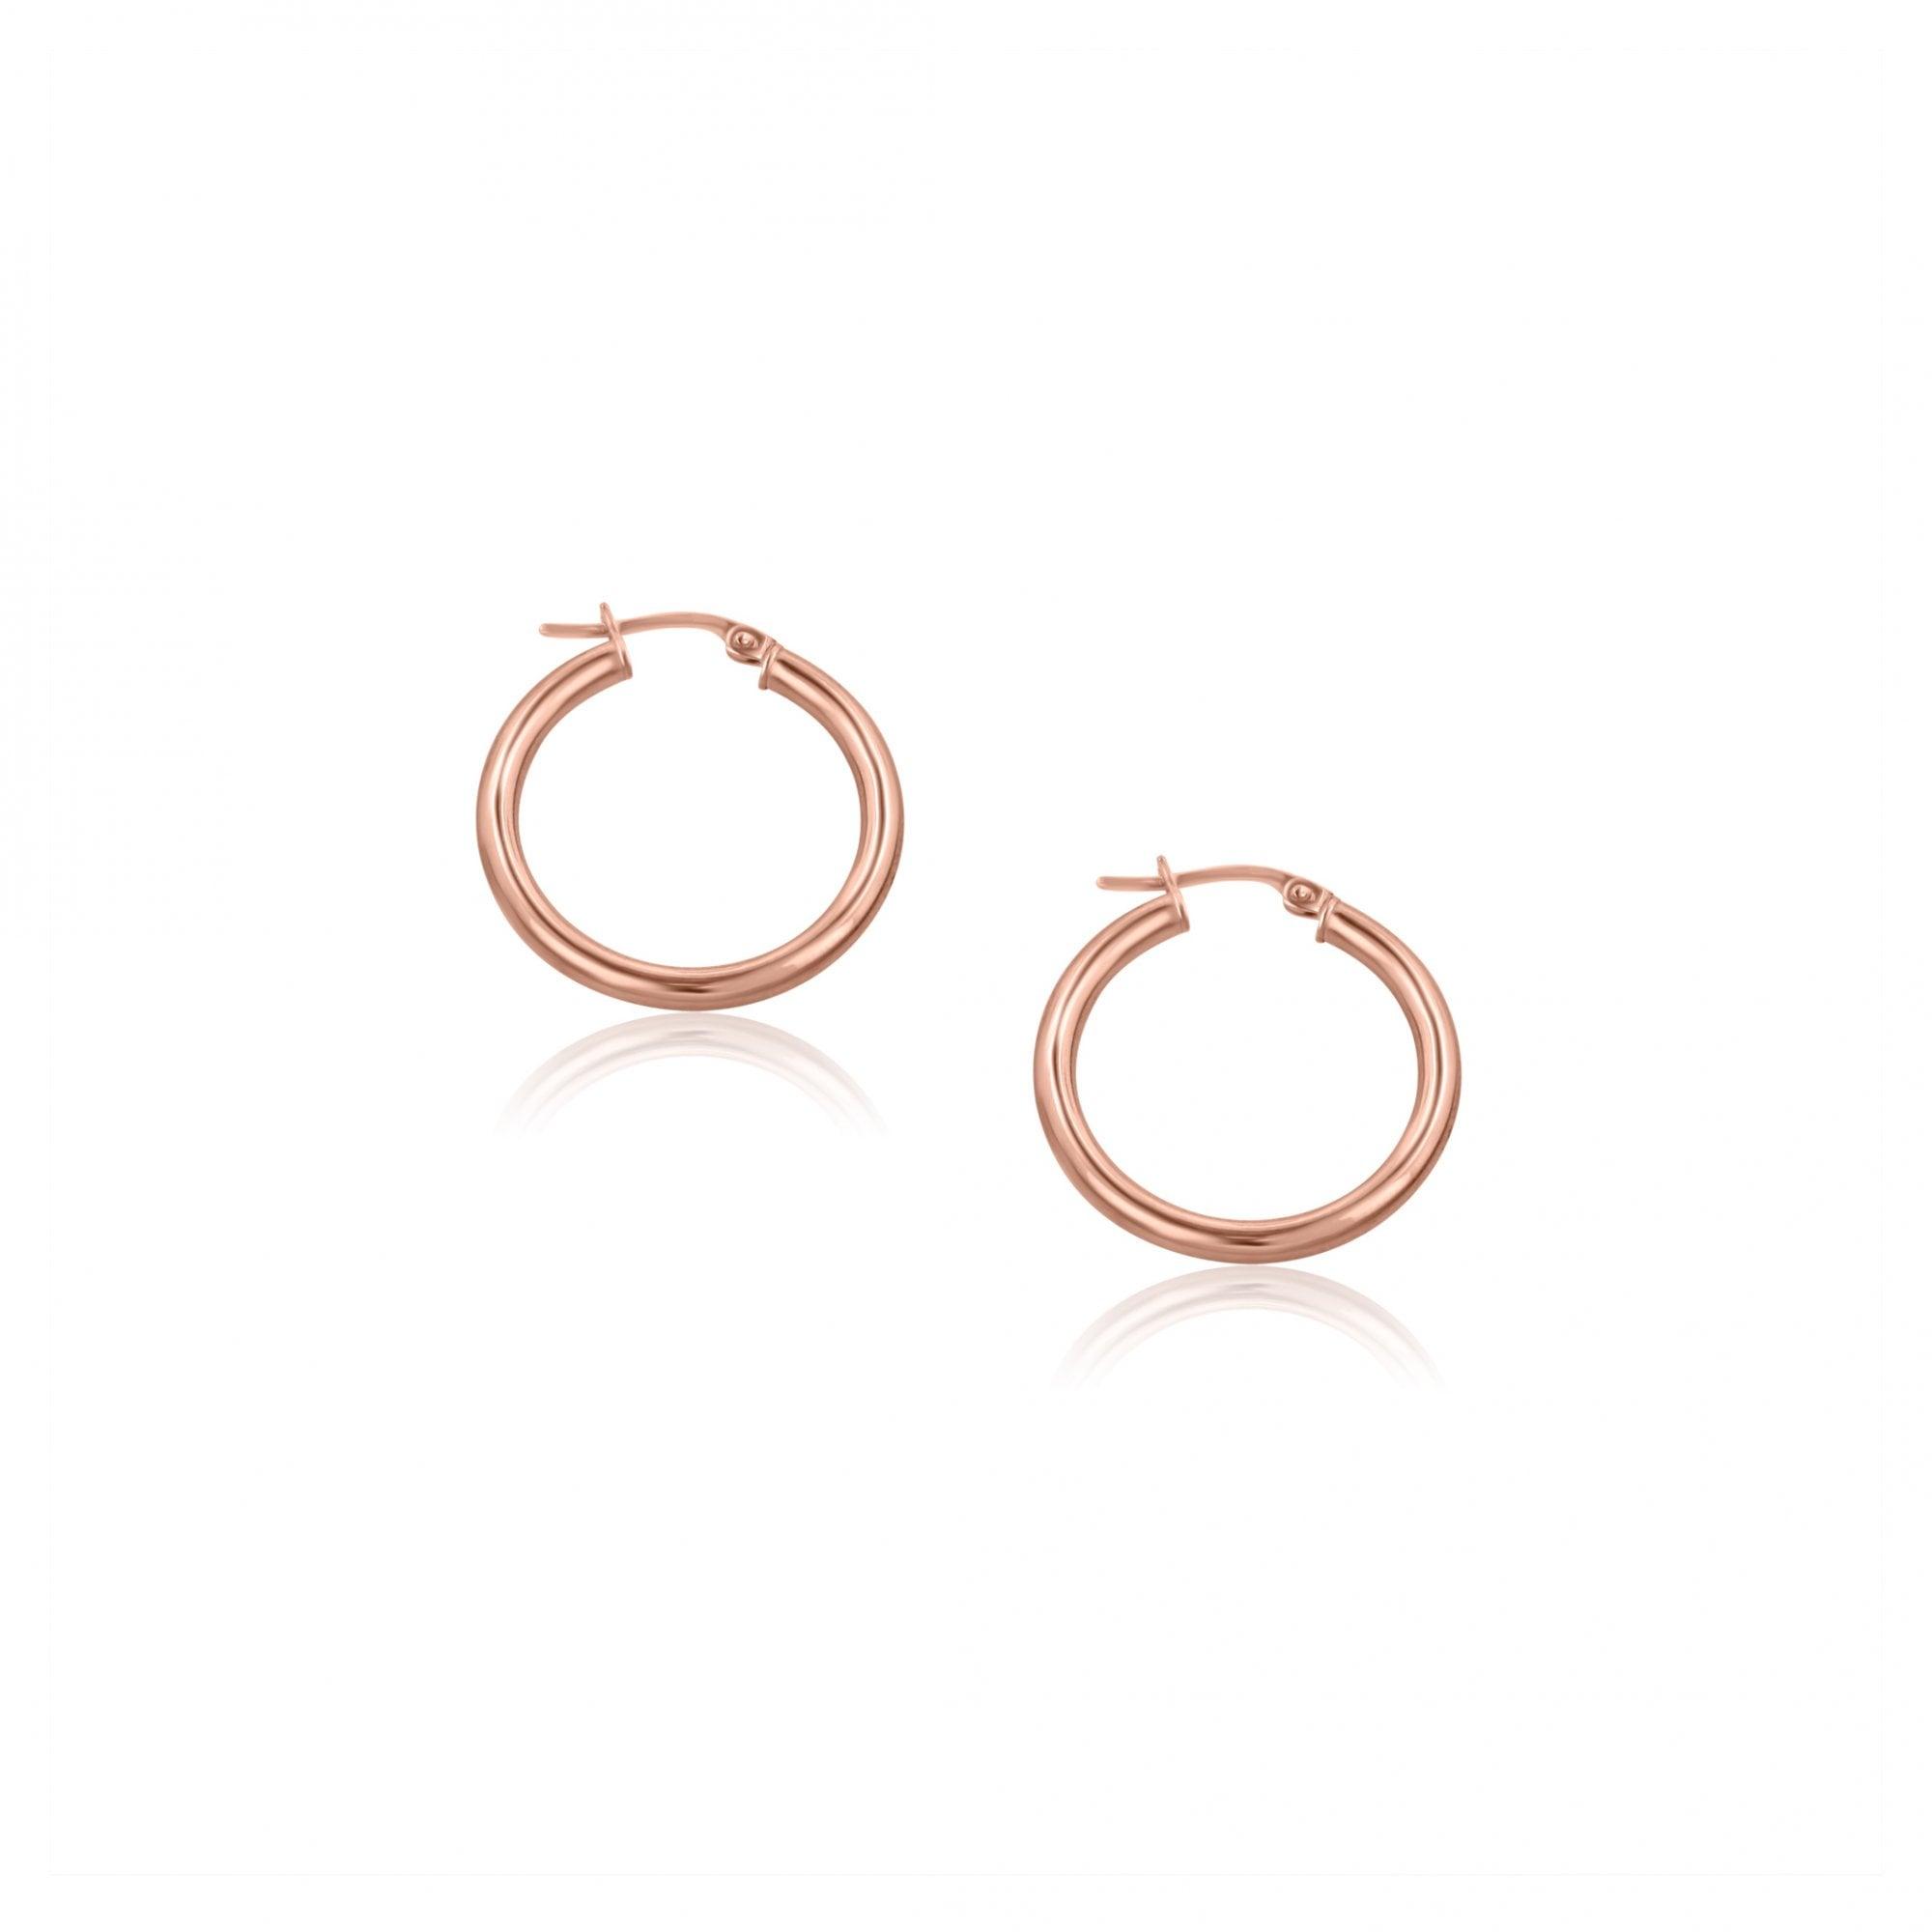 Red Gold Hoop Earrings Avanti Fine Jewellery